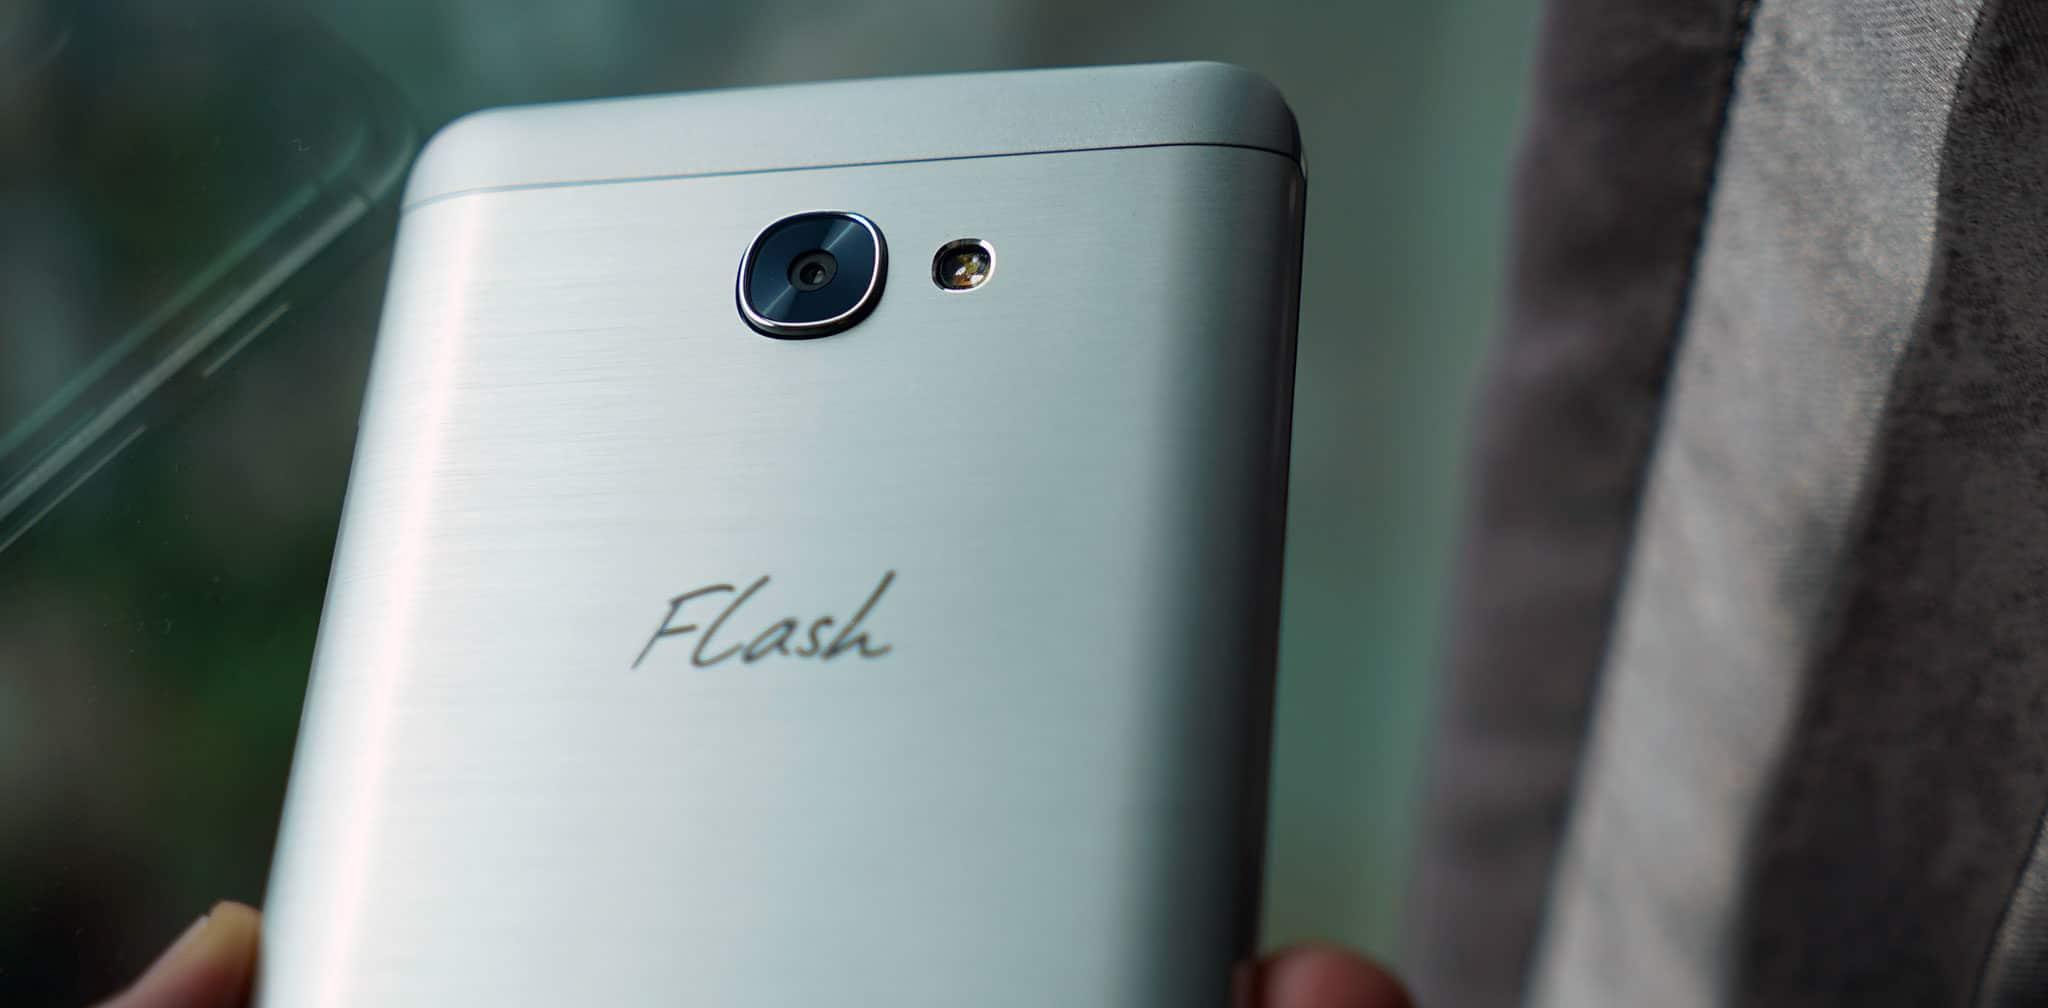 flash-plus-2-camera